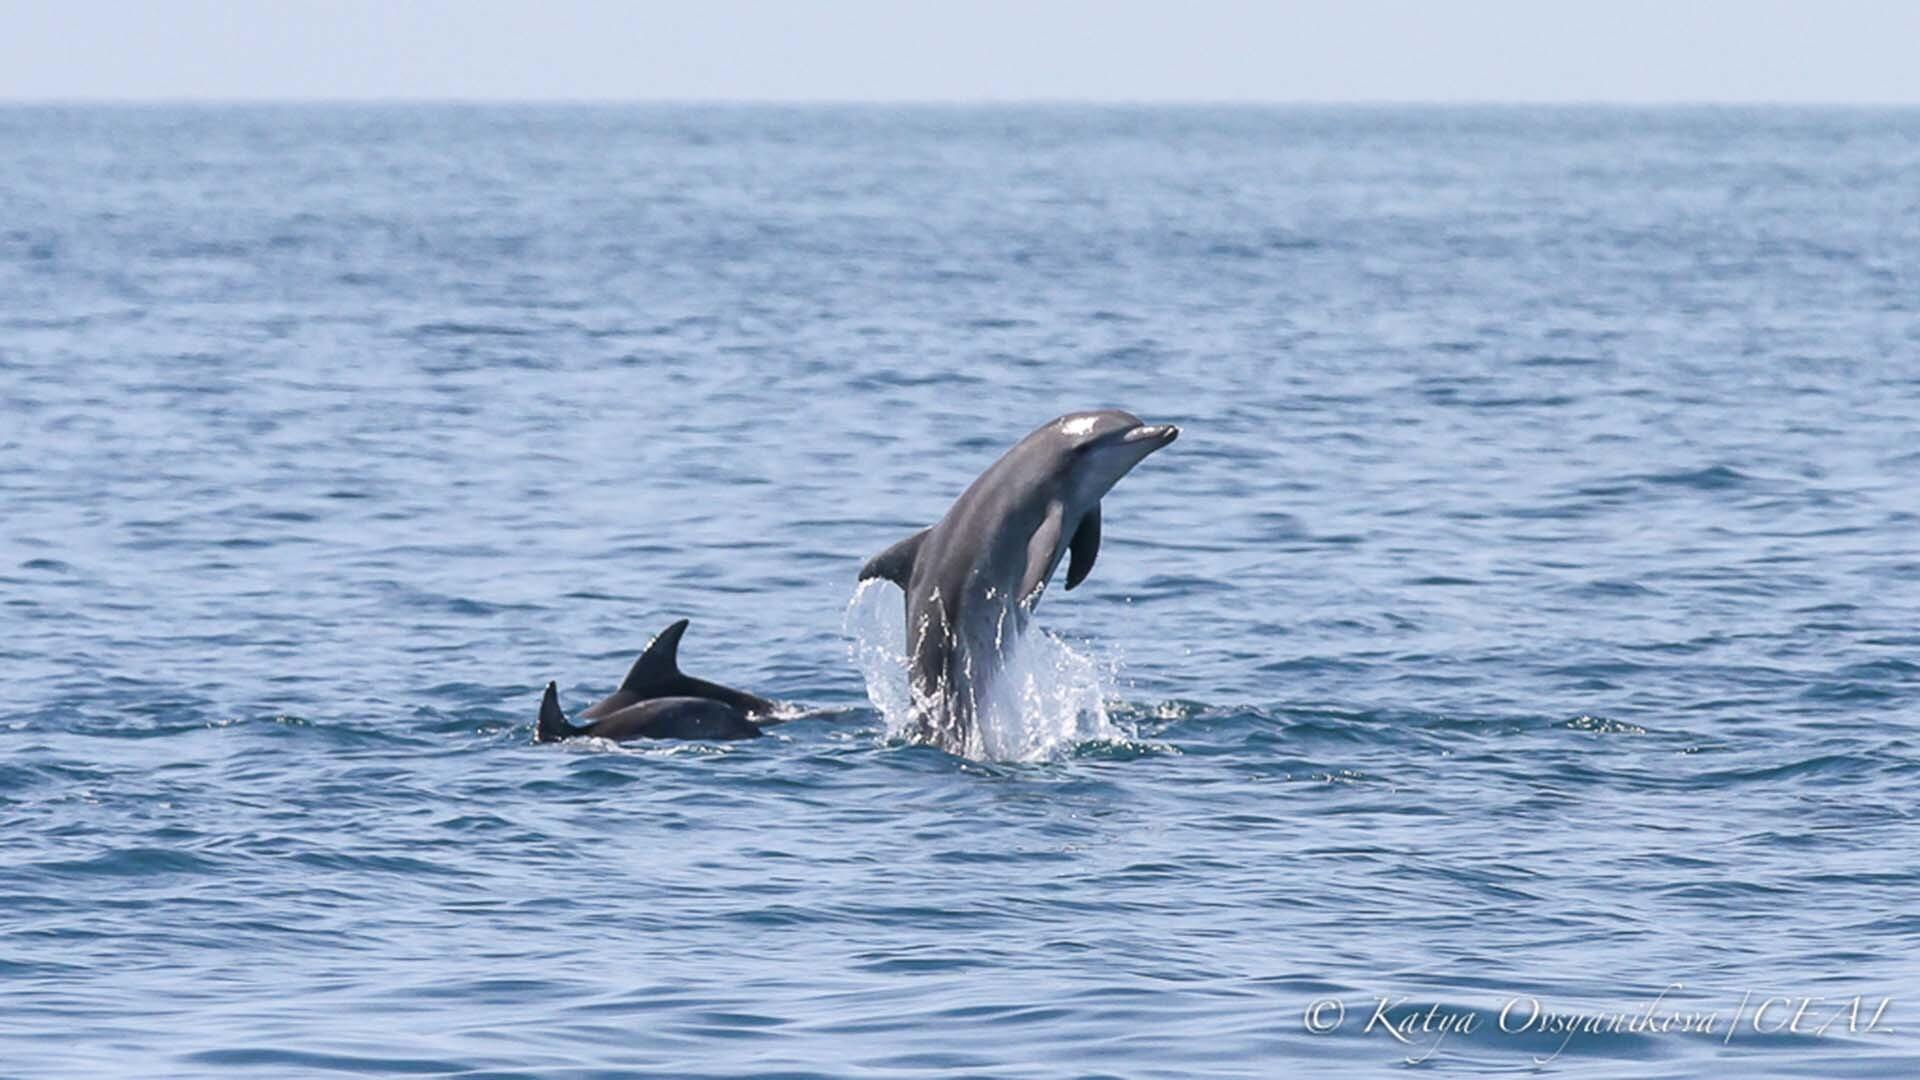 Dolphins, ©copyright Katya Ovsyanikova, UQ PhD student